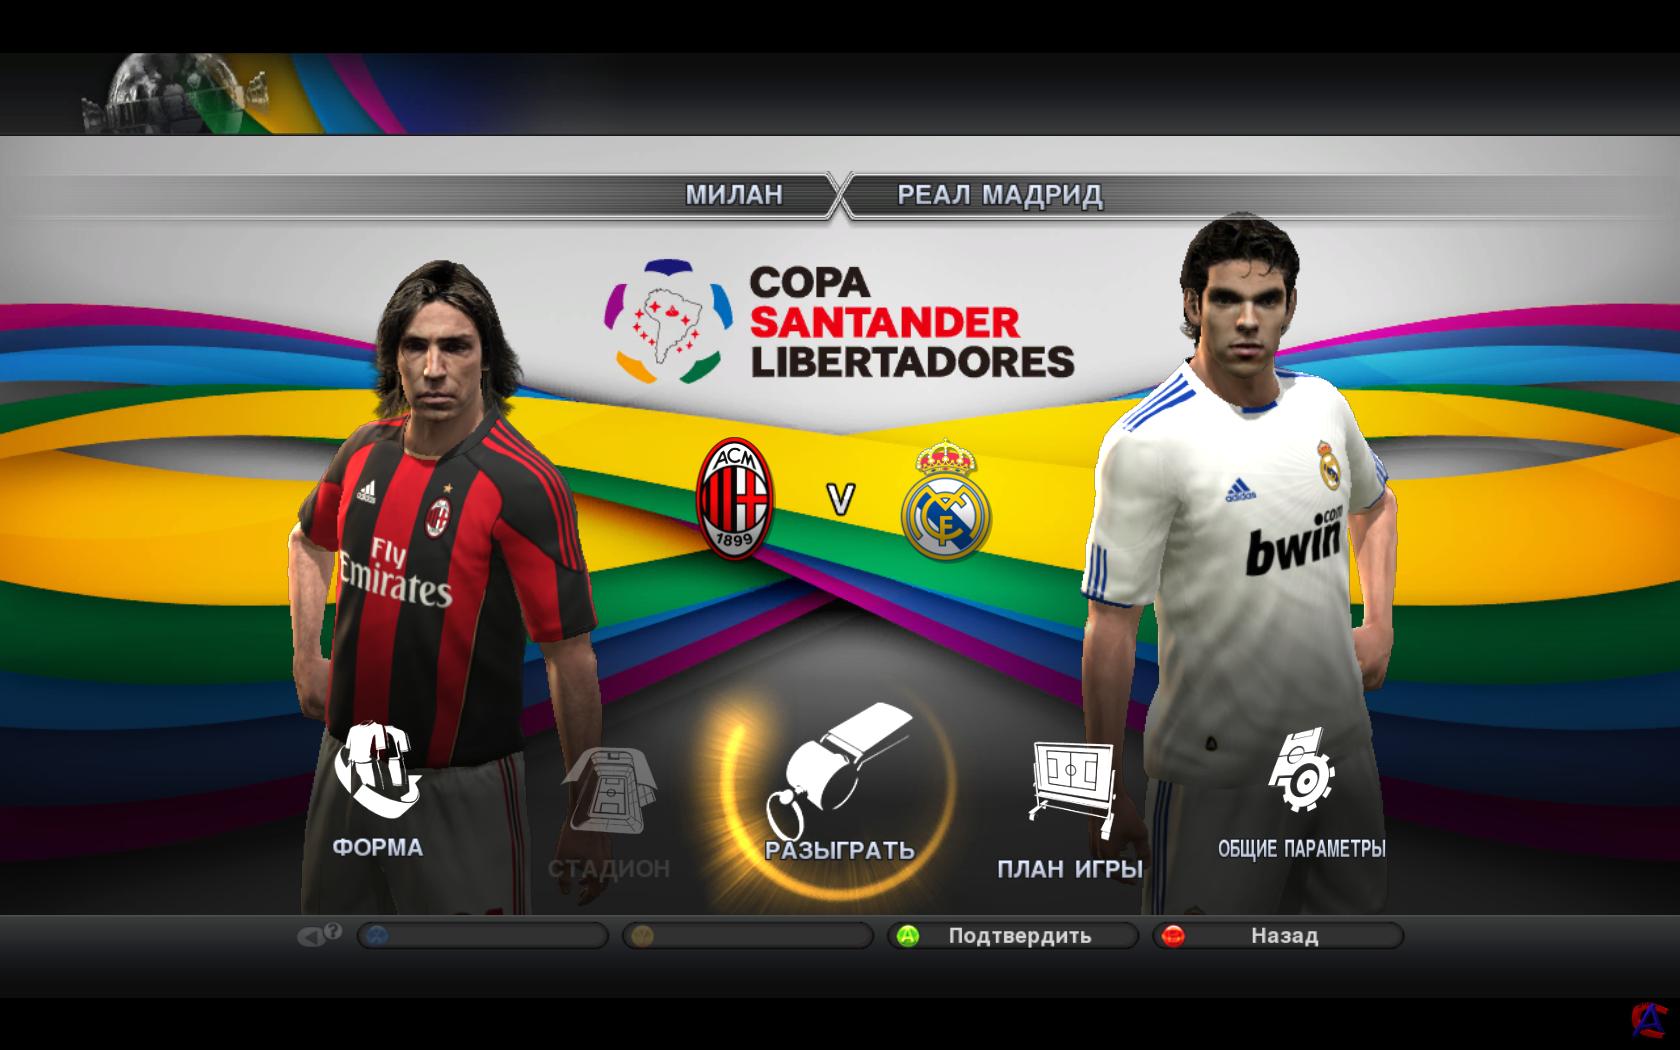 Download Pro Evolution Soccer 2015 - Torrent Game for Pro Evolution Soccer 2015 (free version) download for Download ccer.2015-reloaded Torrent 1337x